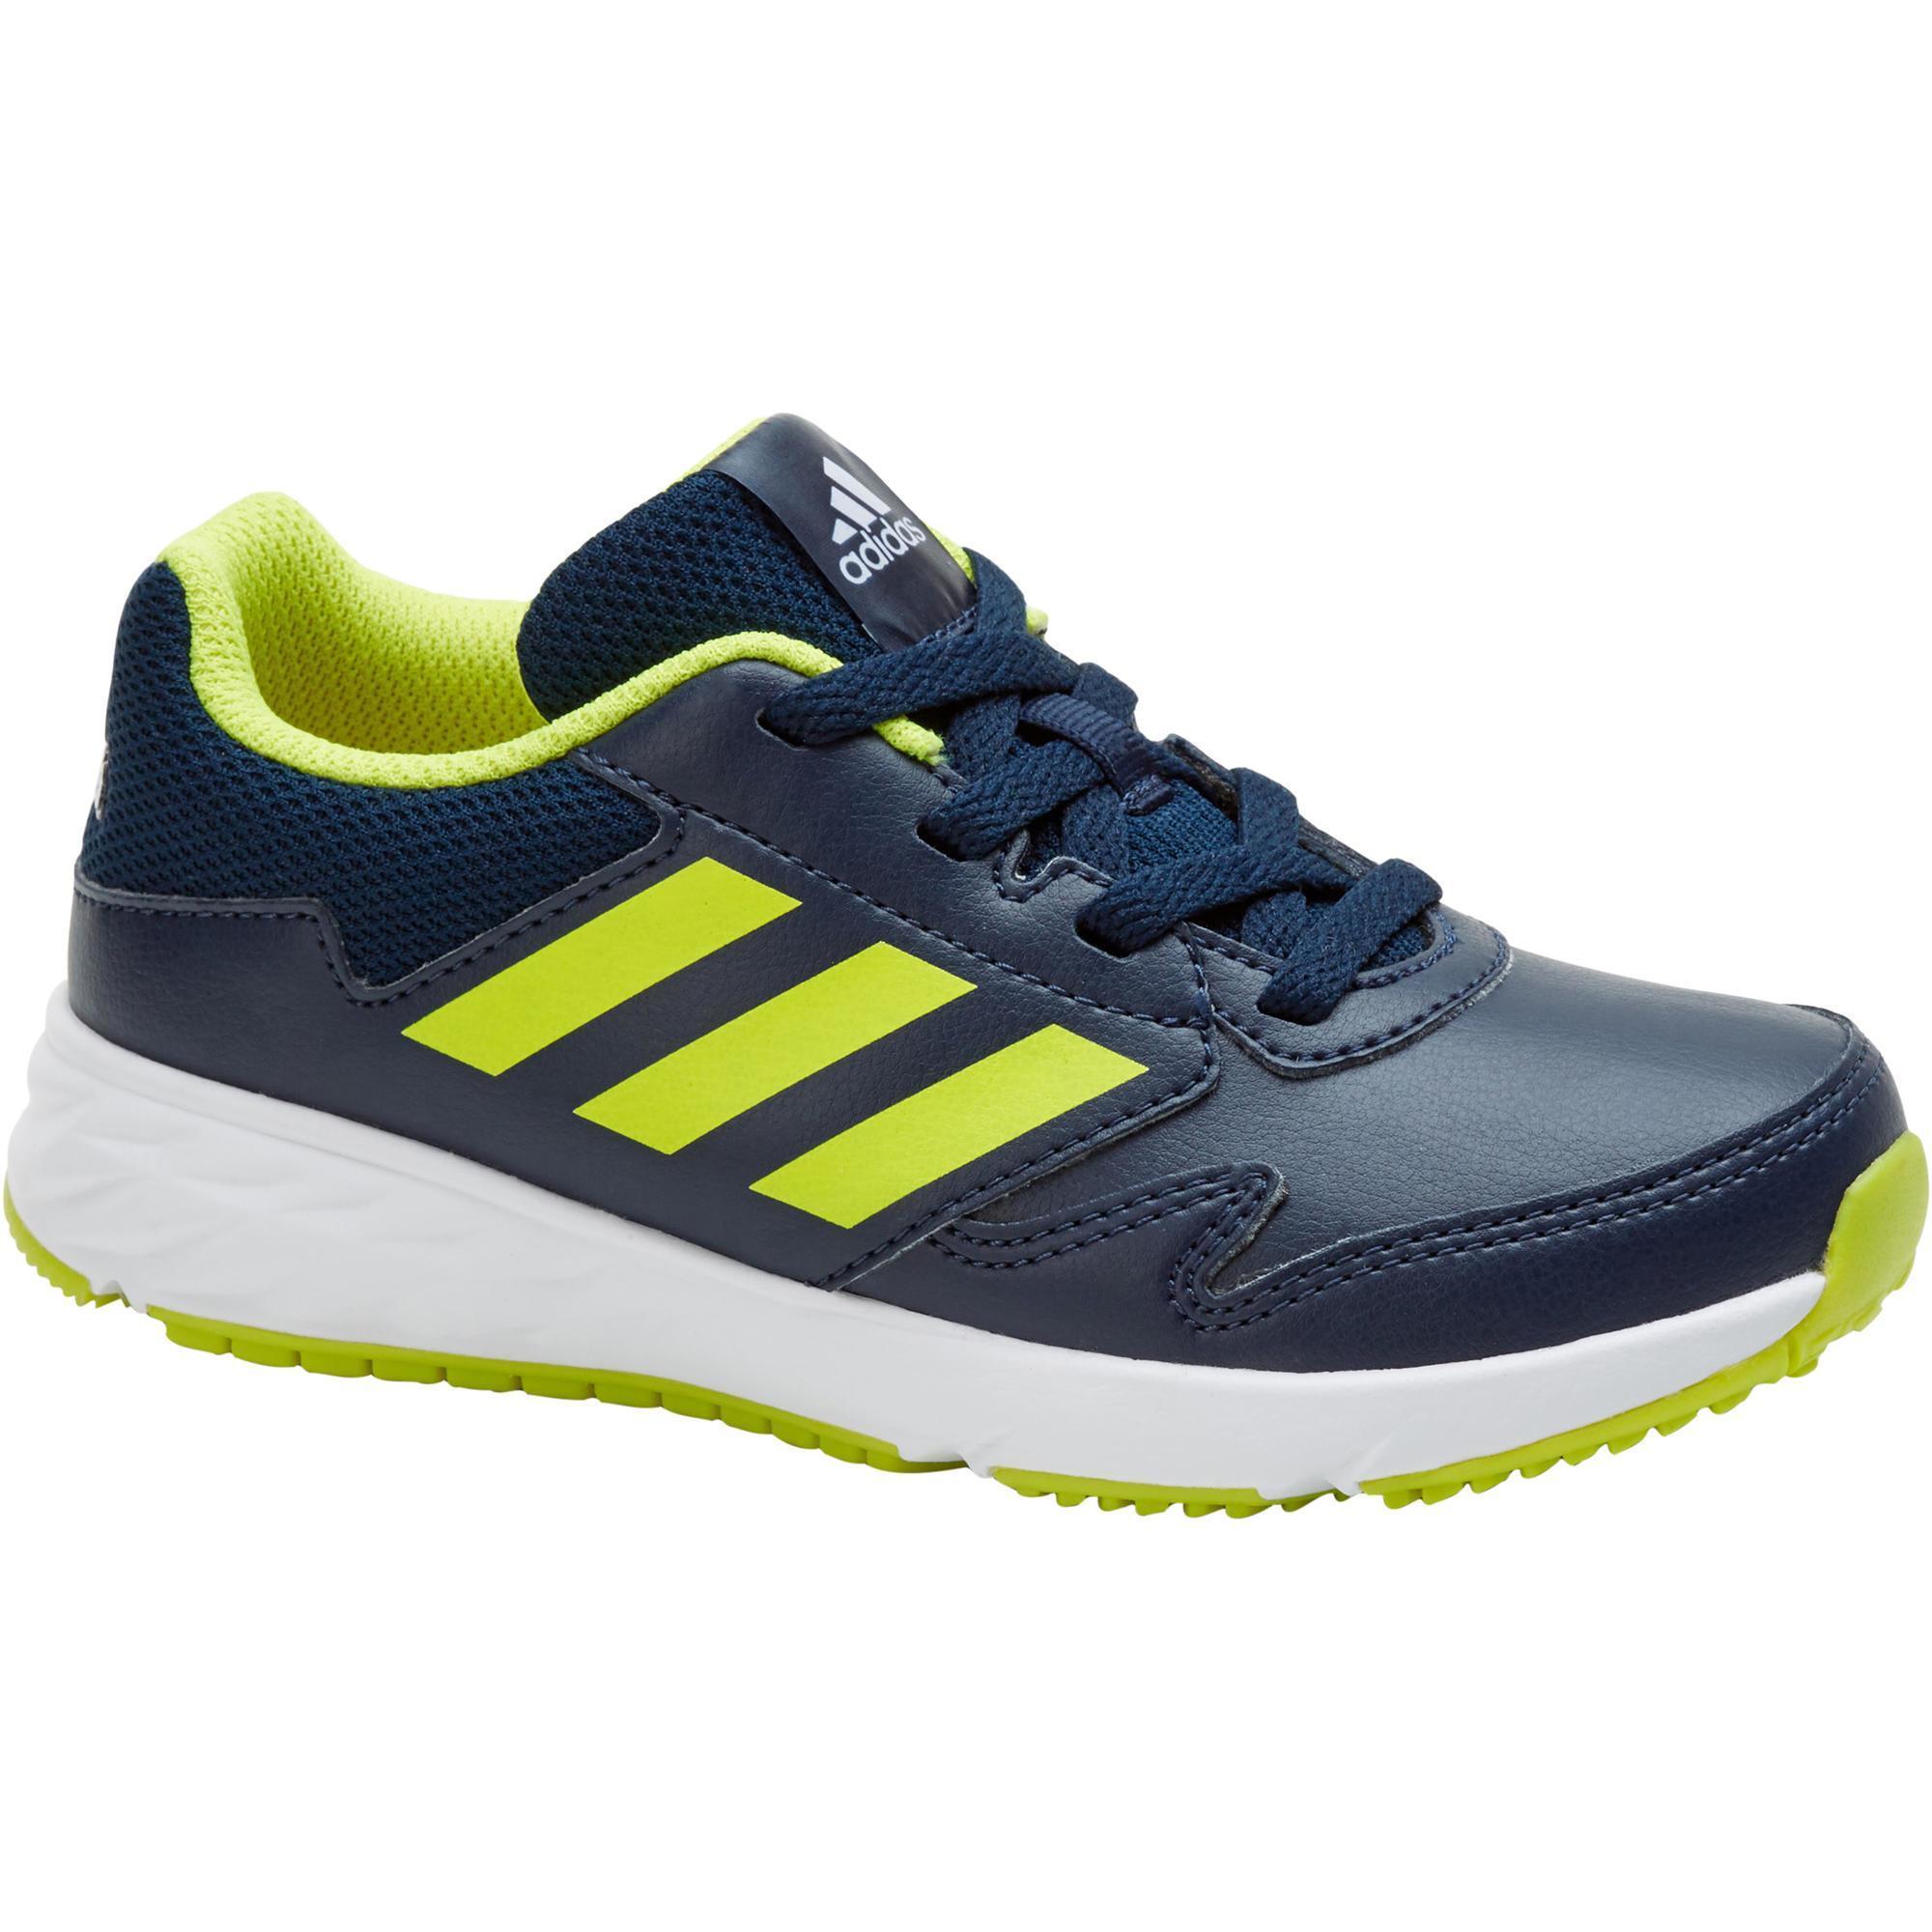 Jungen,Kinder Walkingschuhe Schnürung Fastwalk 2 Kinder blau/gelb | 04059319296198